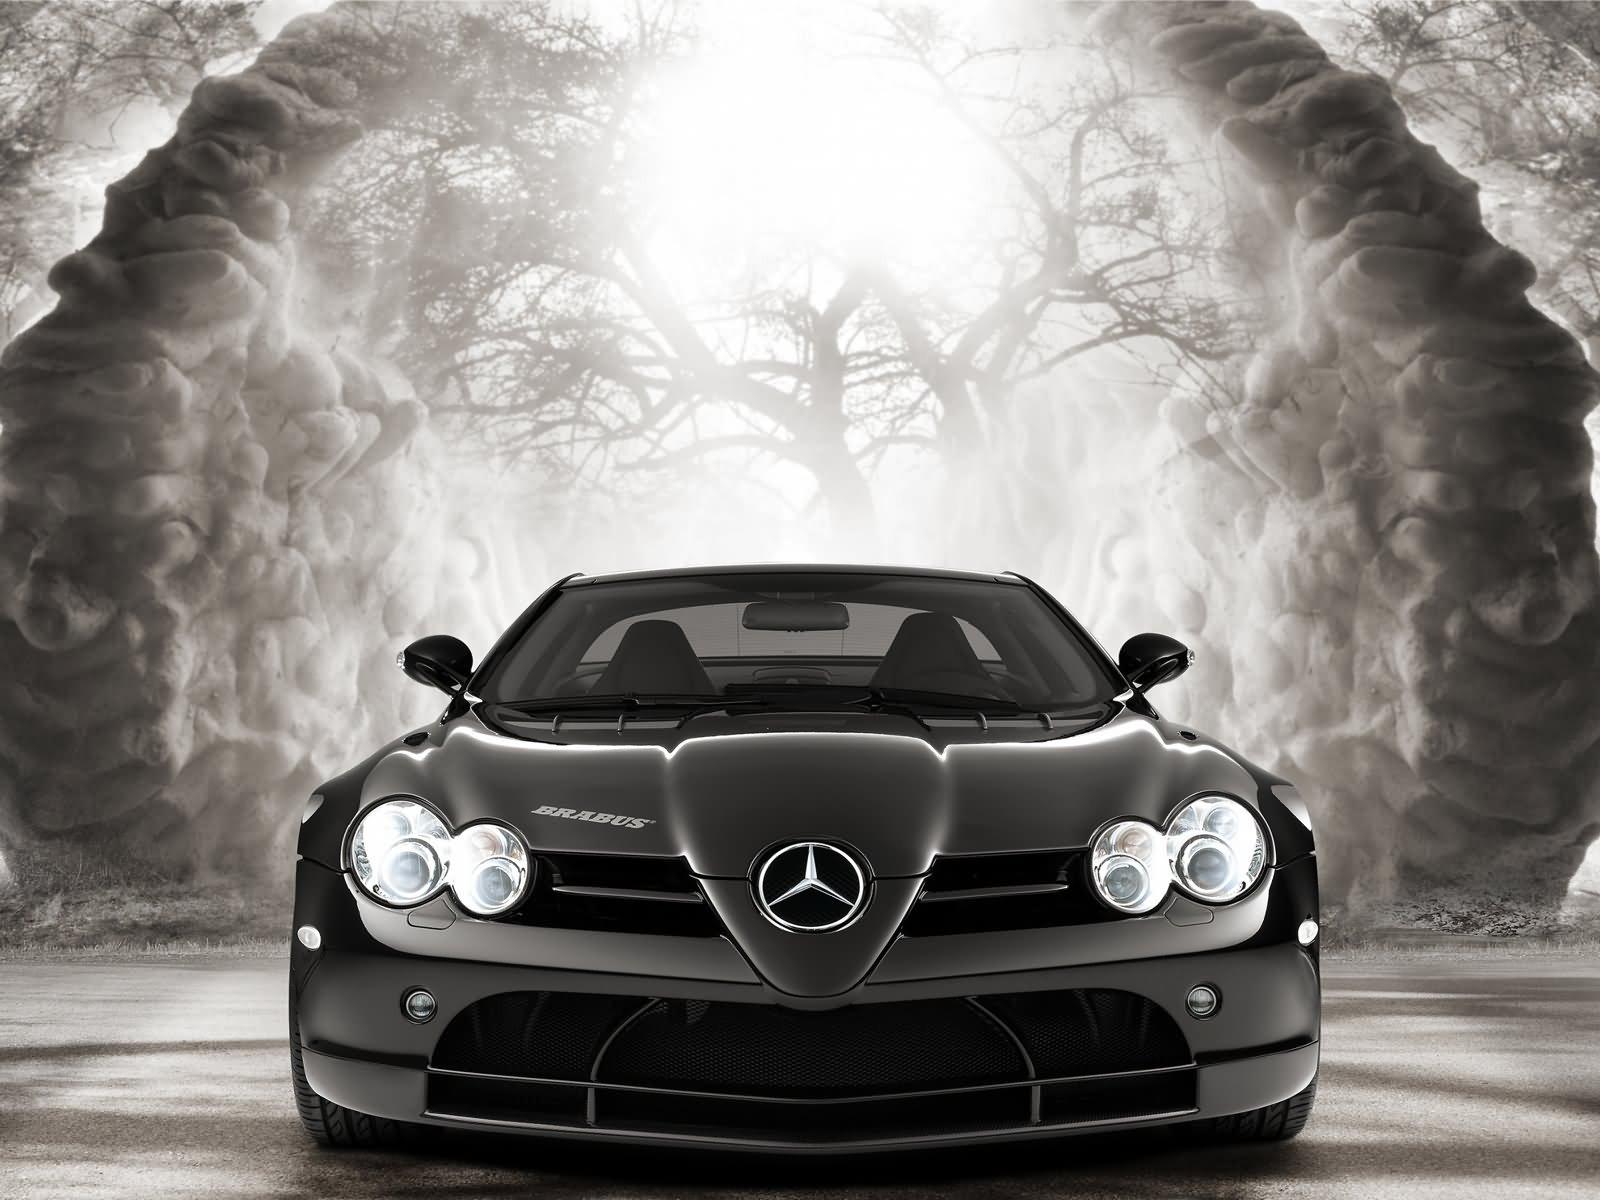 mercedes benz slr mclaren wallpaper - Mercedes Benz Slr Wallpaper Hd